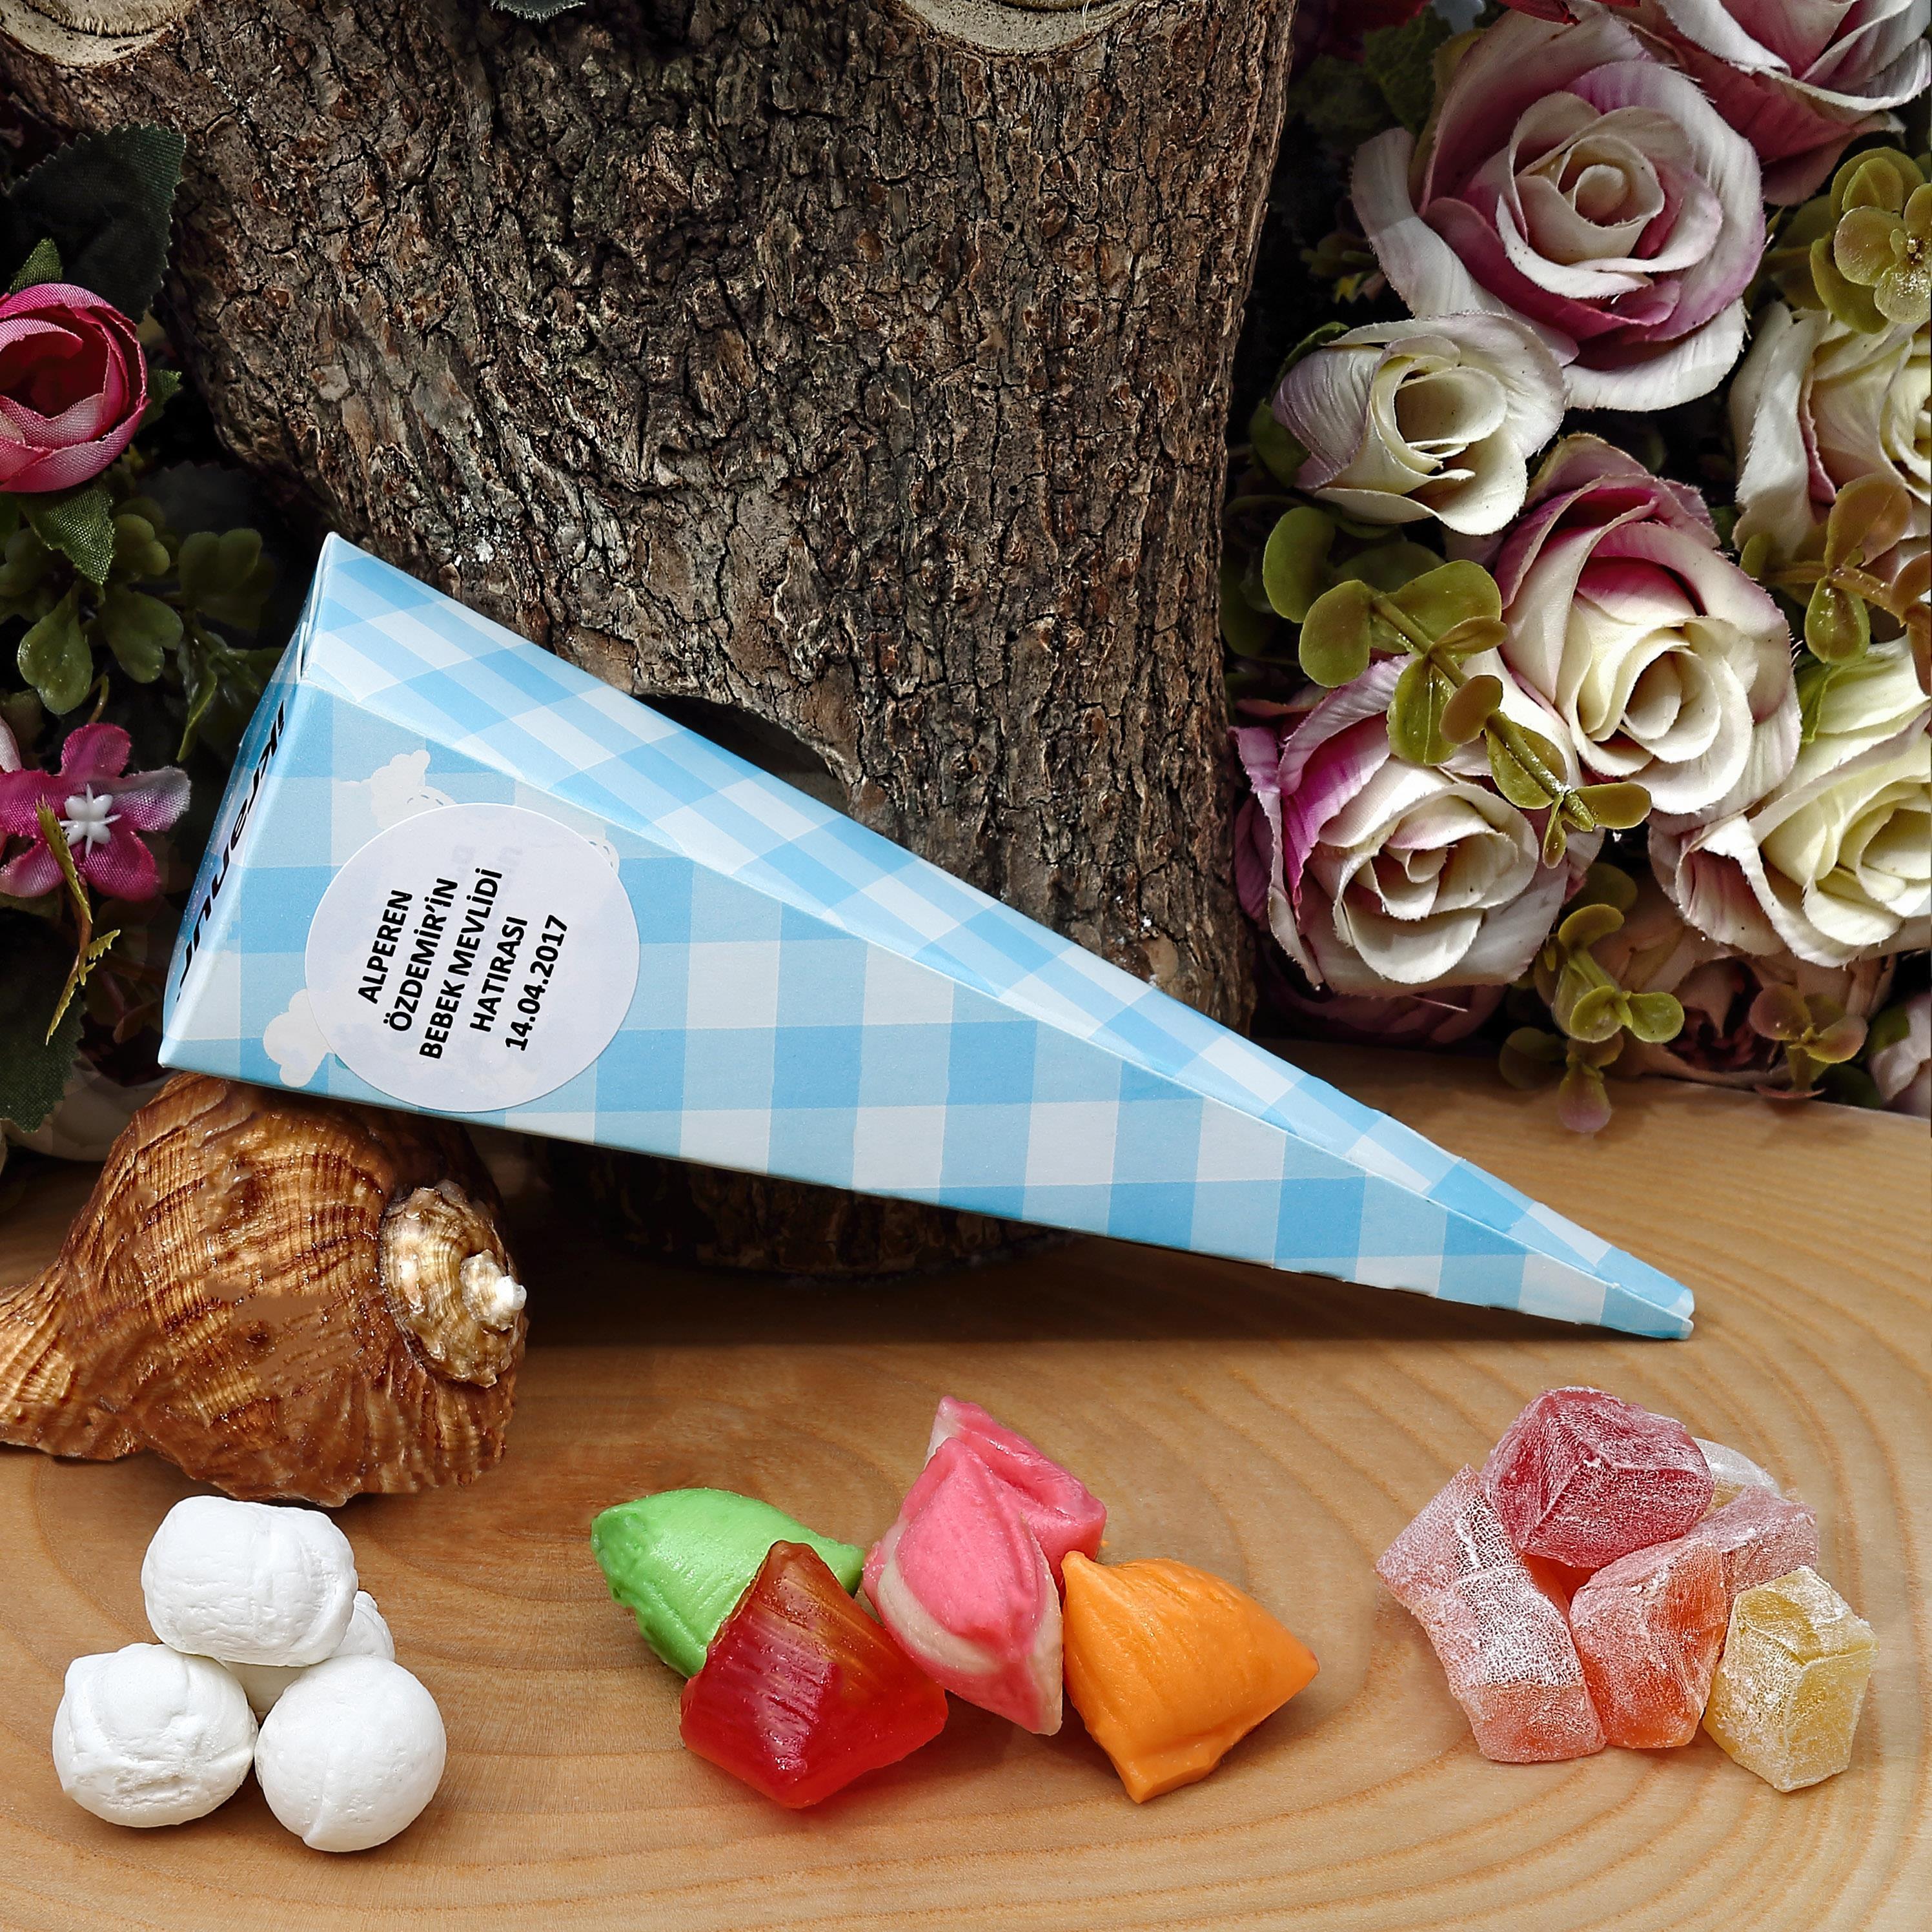 Bebek Mevlüt Şekeri - Kuş Lokumlu, Mevlana Şekerli